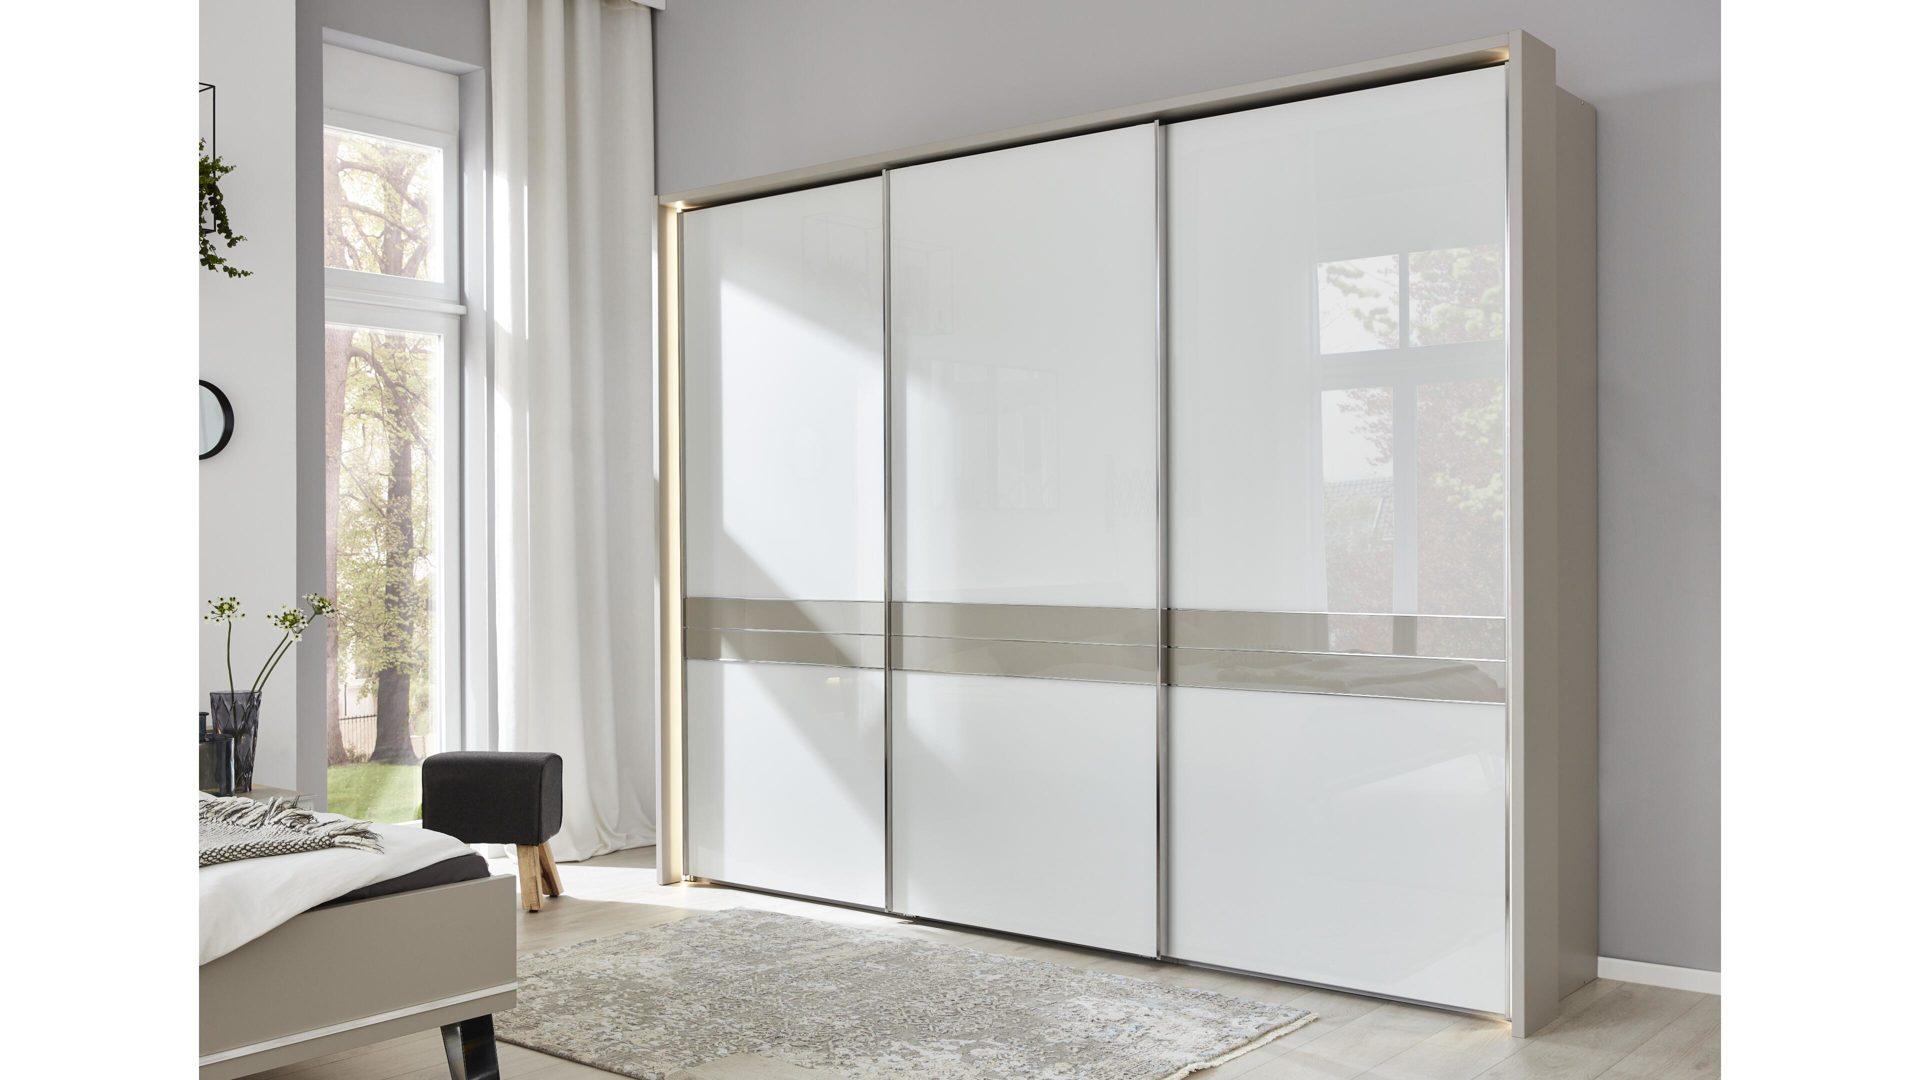 Interliving Schlafzimmer Serie 1009 Schwebeturenschrank Weisse Glas Kieselgraue Kunststoffoberflachen Drei Turen